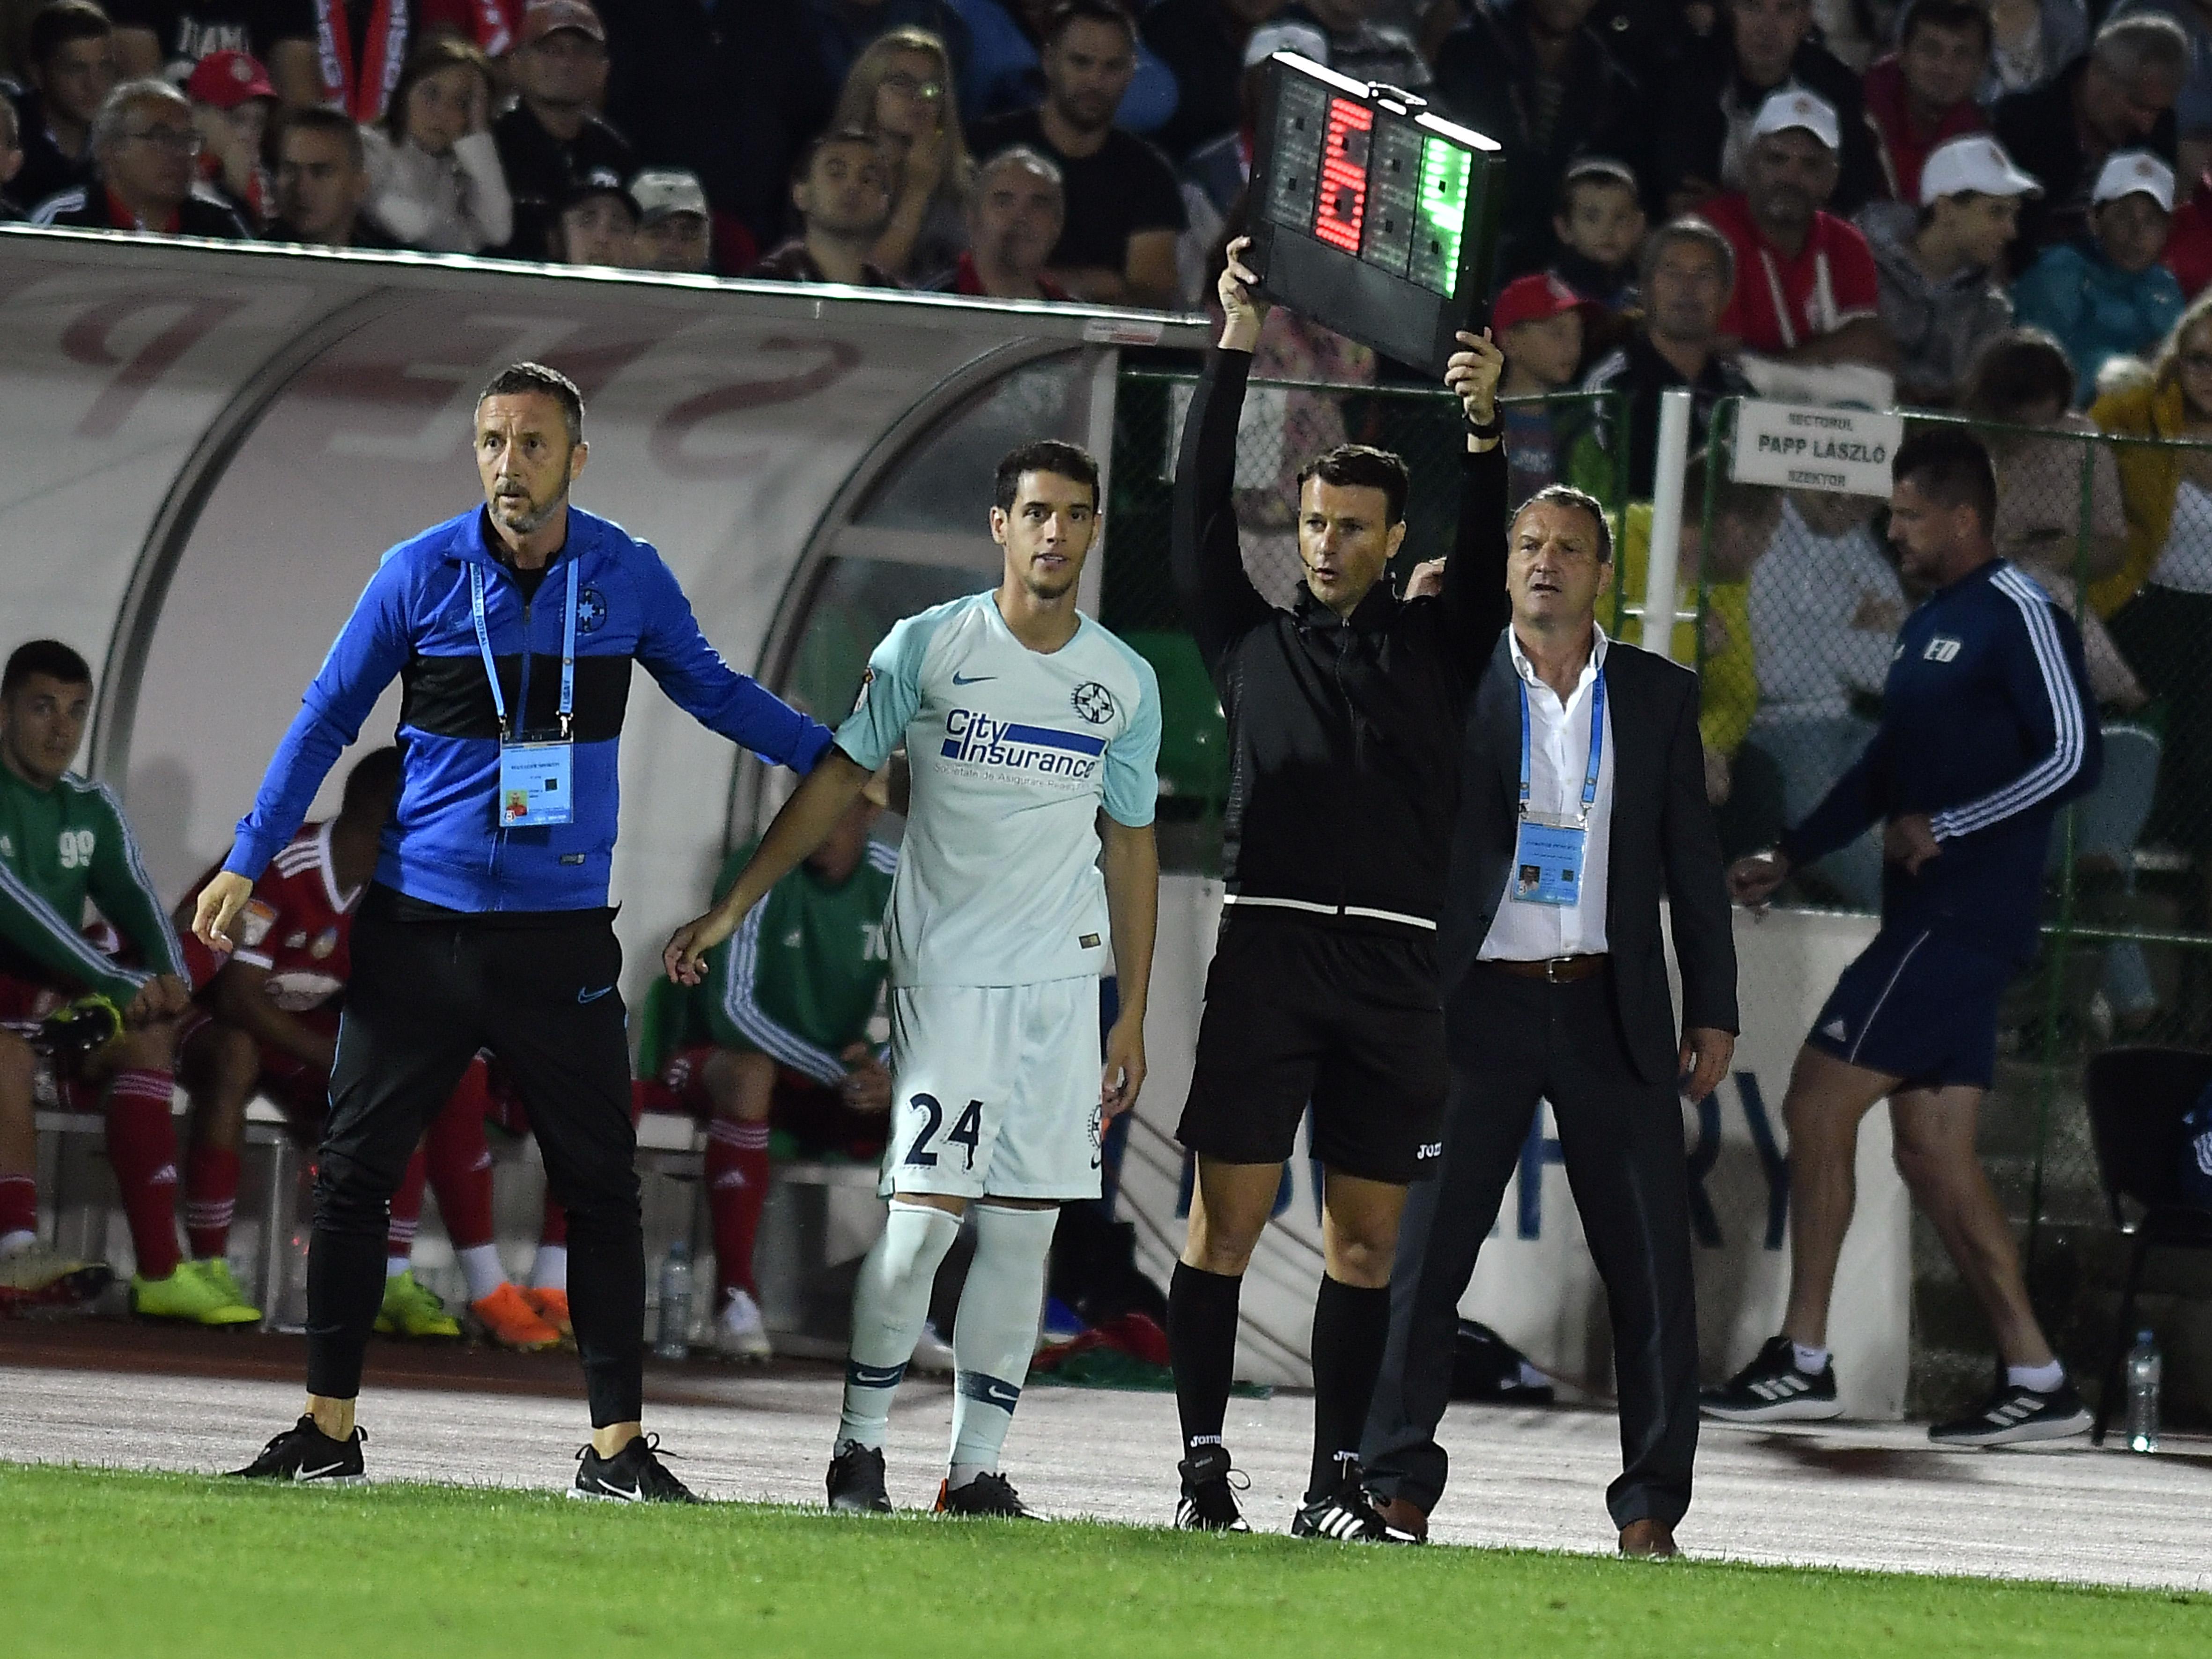 Mihai Stoica,Laszlo Csaba si Diogo Salomao in meciul de fotbal dintre Sesi OSK Sfantu Gheorghe si FCSB, din cadrul Ligii 1 Casa Pariurilor, desfasurat pe Stadionul Municipal din Sfantu Gheorghe, luni 22 iulie 2019.